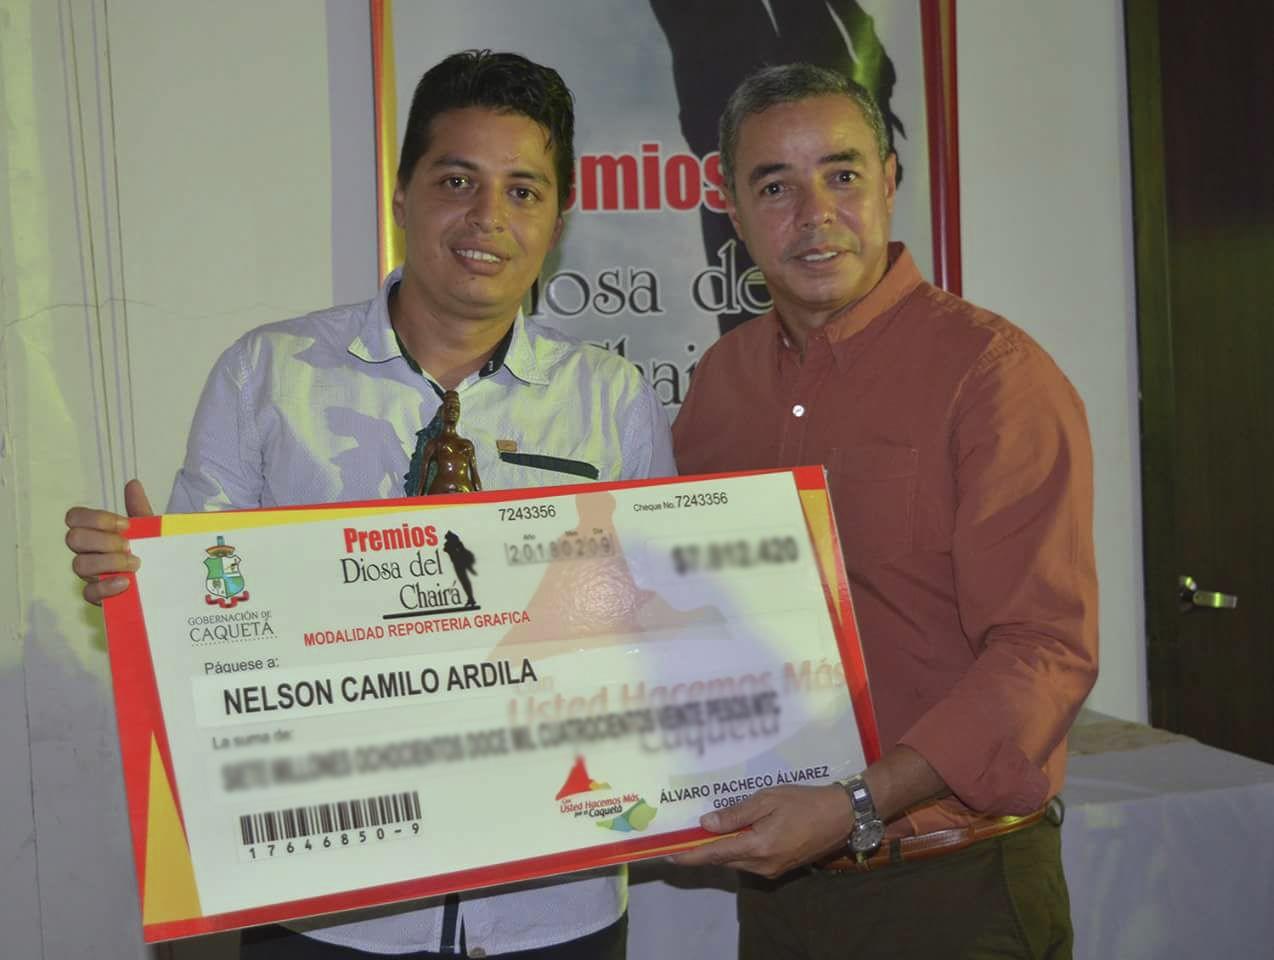 premio de periodismo Diosa del Chairá, en Reportería Gráfica para nuestro editor Nelson Camilo Ardila Zárate